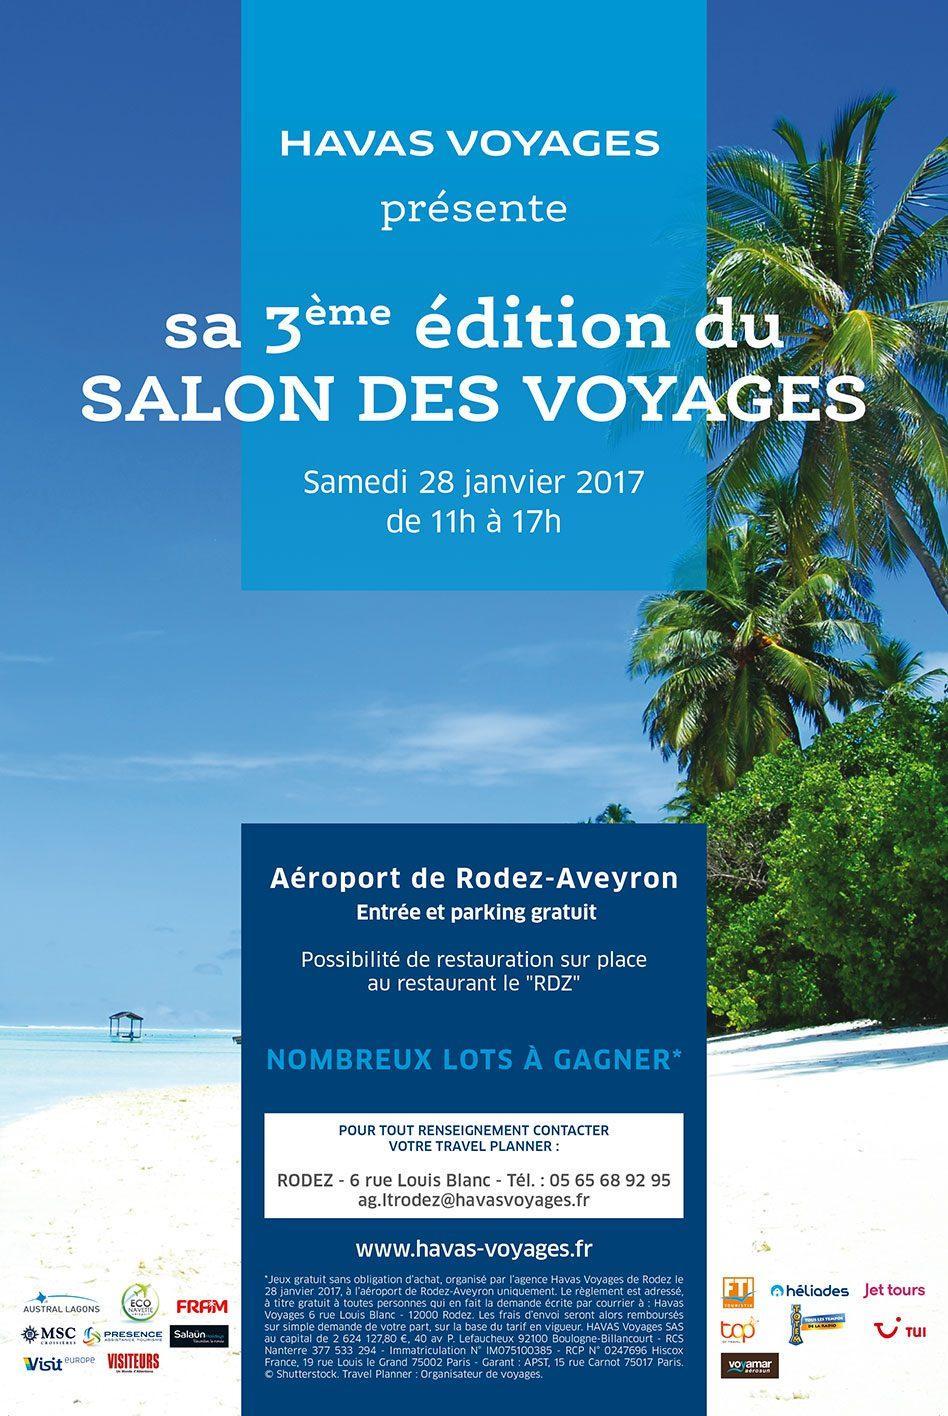 Salon du voyage a roport de rodez aveyron for Salon voyage